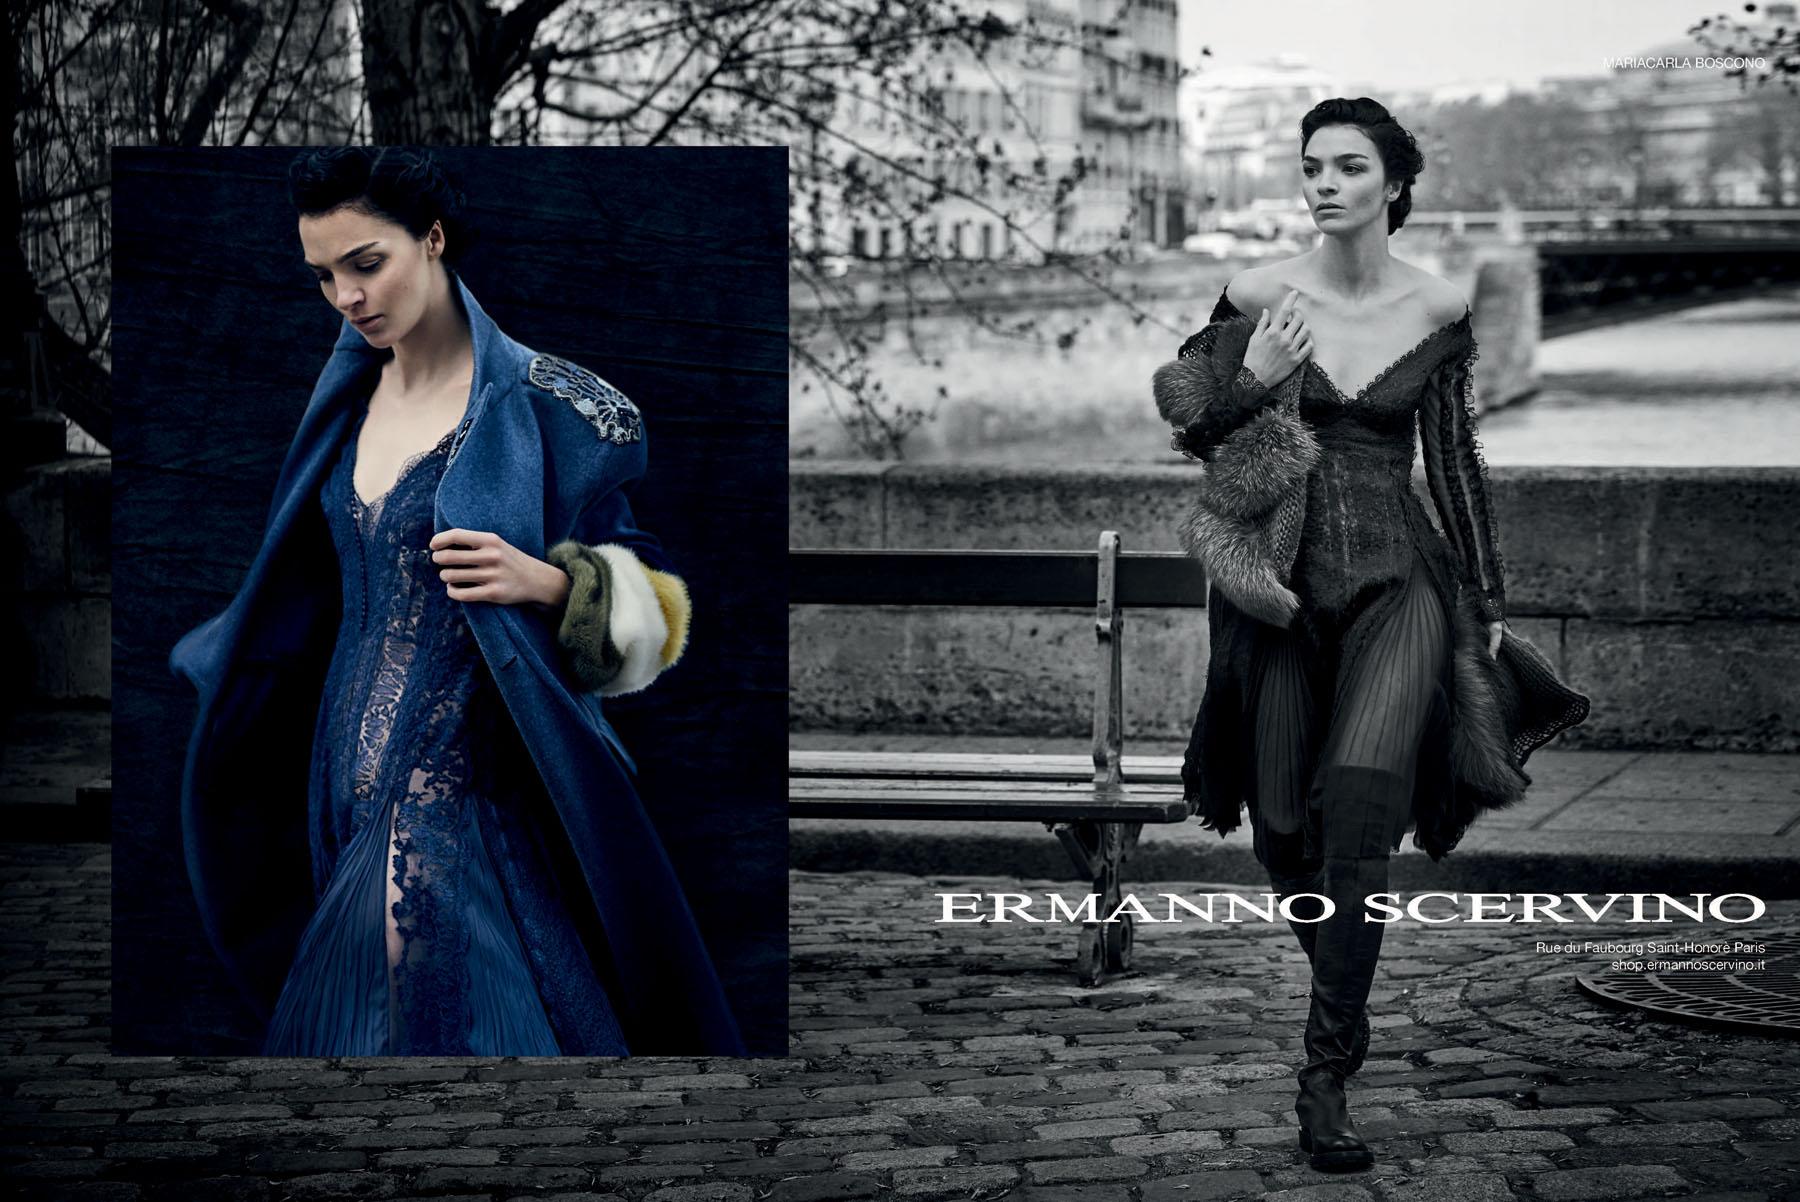 Ermanno-Scervino-fall-2017-ad-campaign-03-1